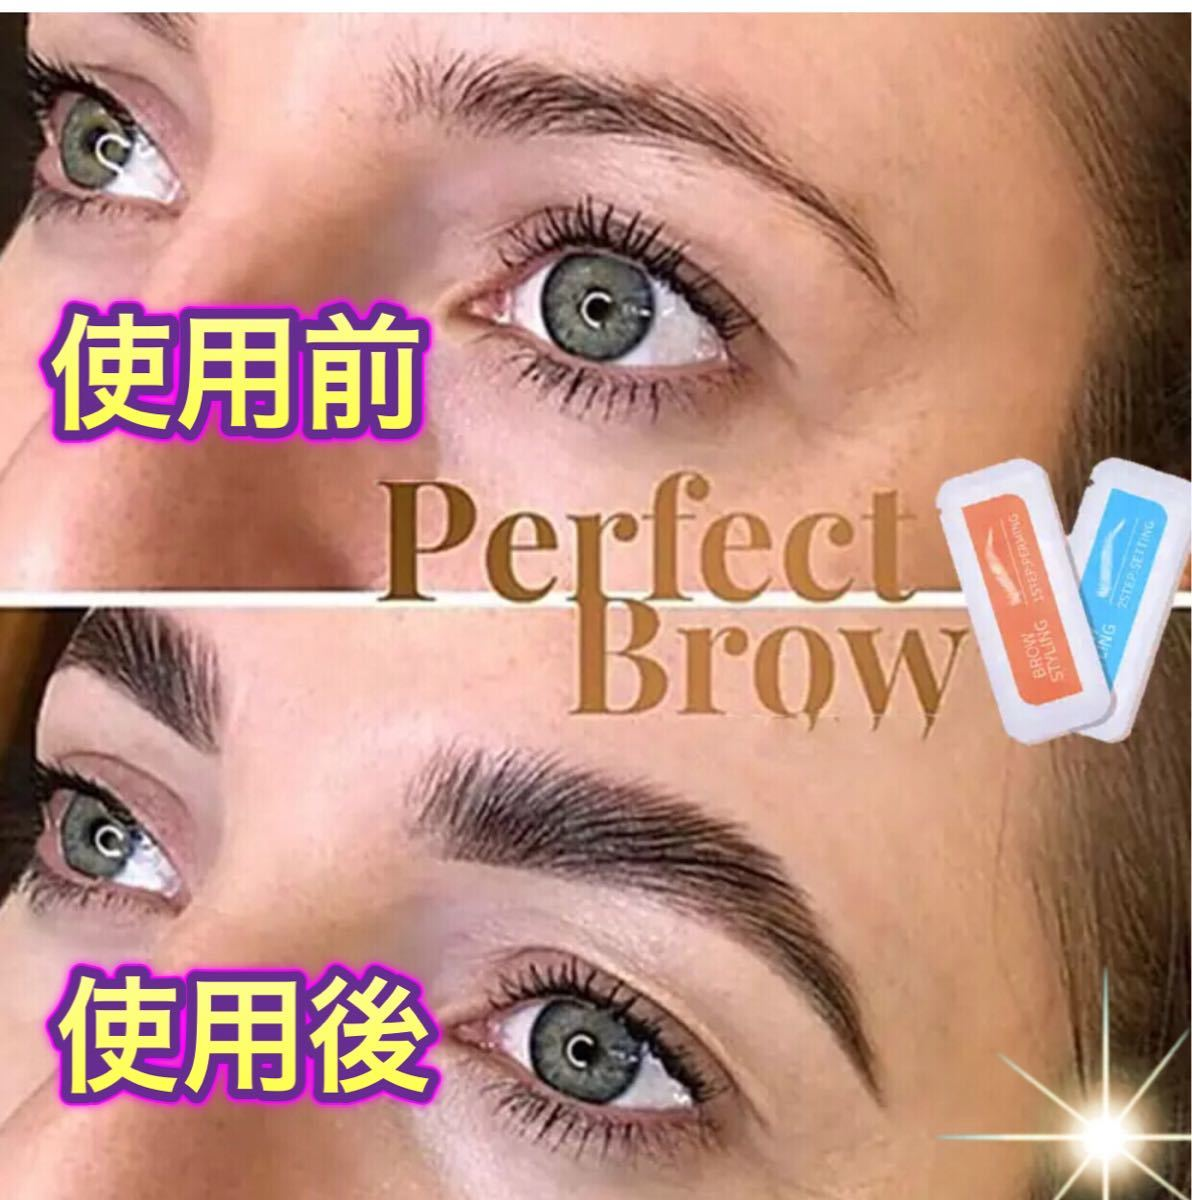 ブロウラミネーション 眉毛リフト セルフキット4点セット日本語説明書付き!!スーパーモデルで流行の眉毛スタイリング!!アイブロウ